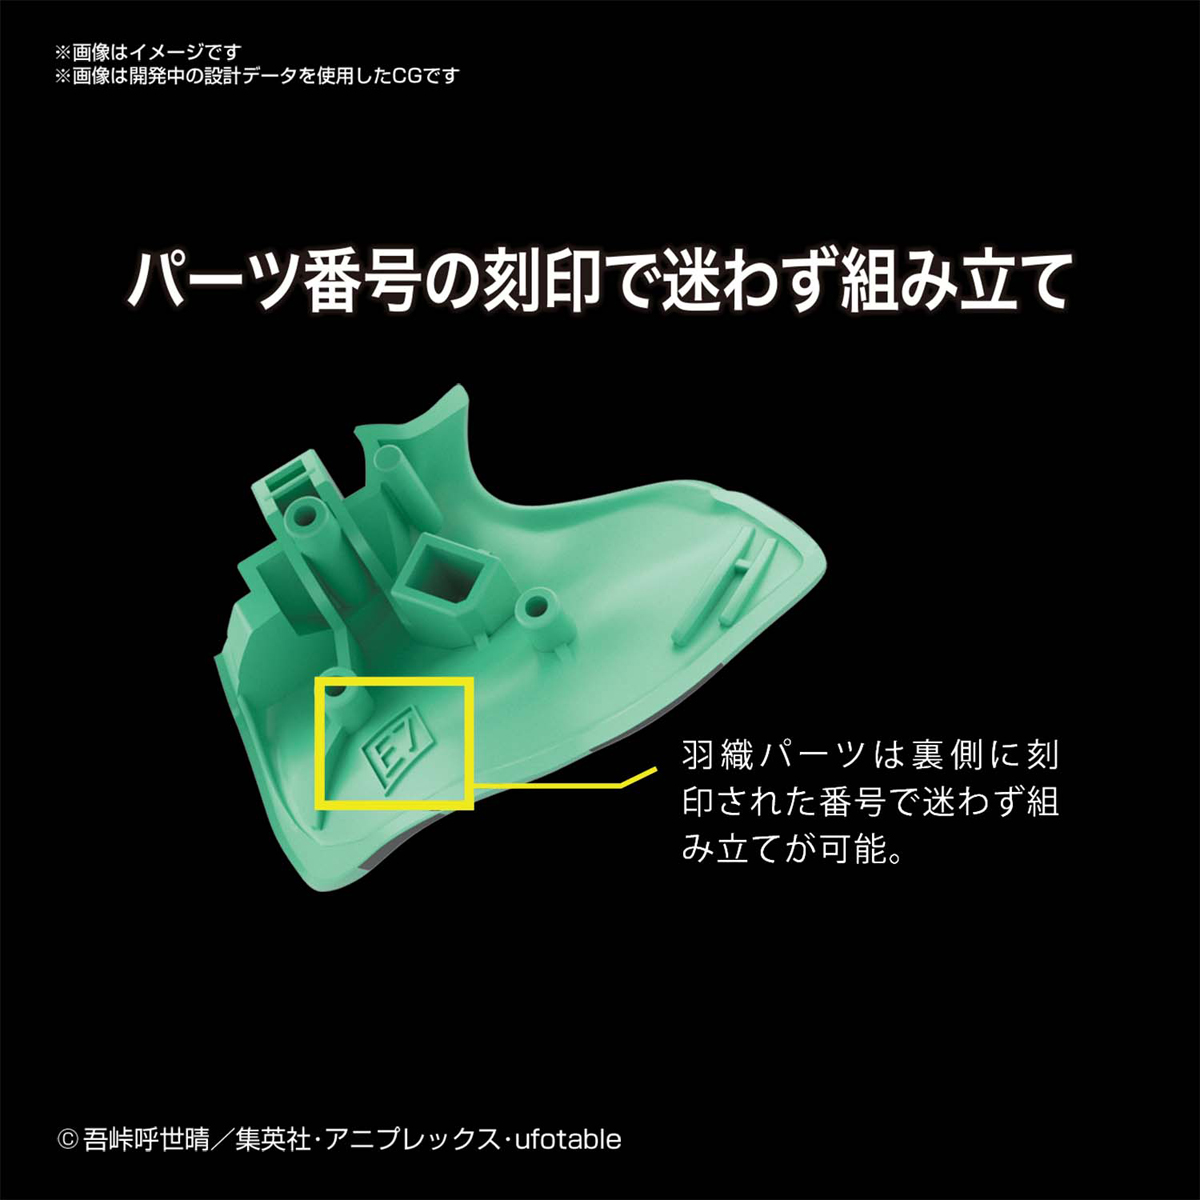 【再販】鬼滅模型『竈門炭治郎』鬼滅の刃 プラモデル-006